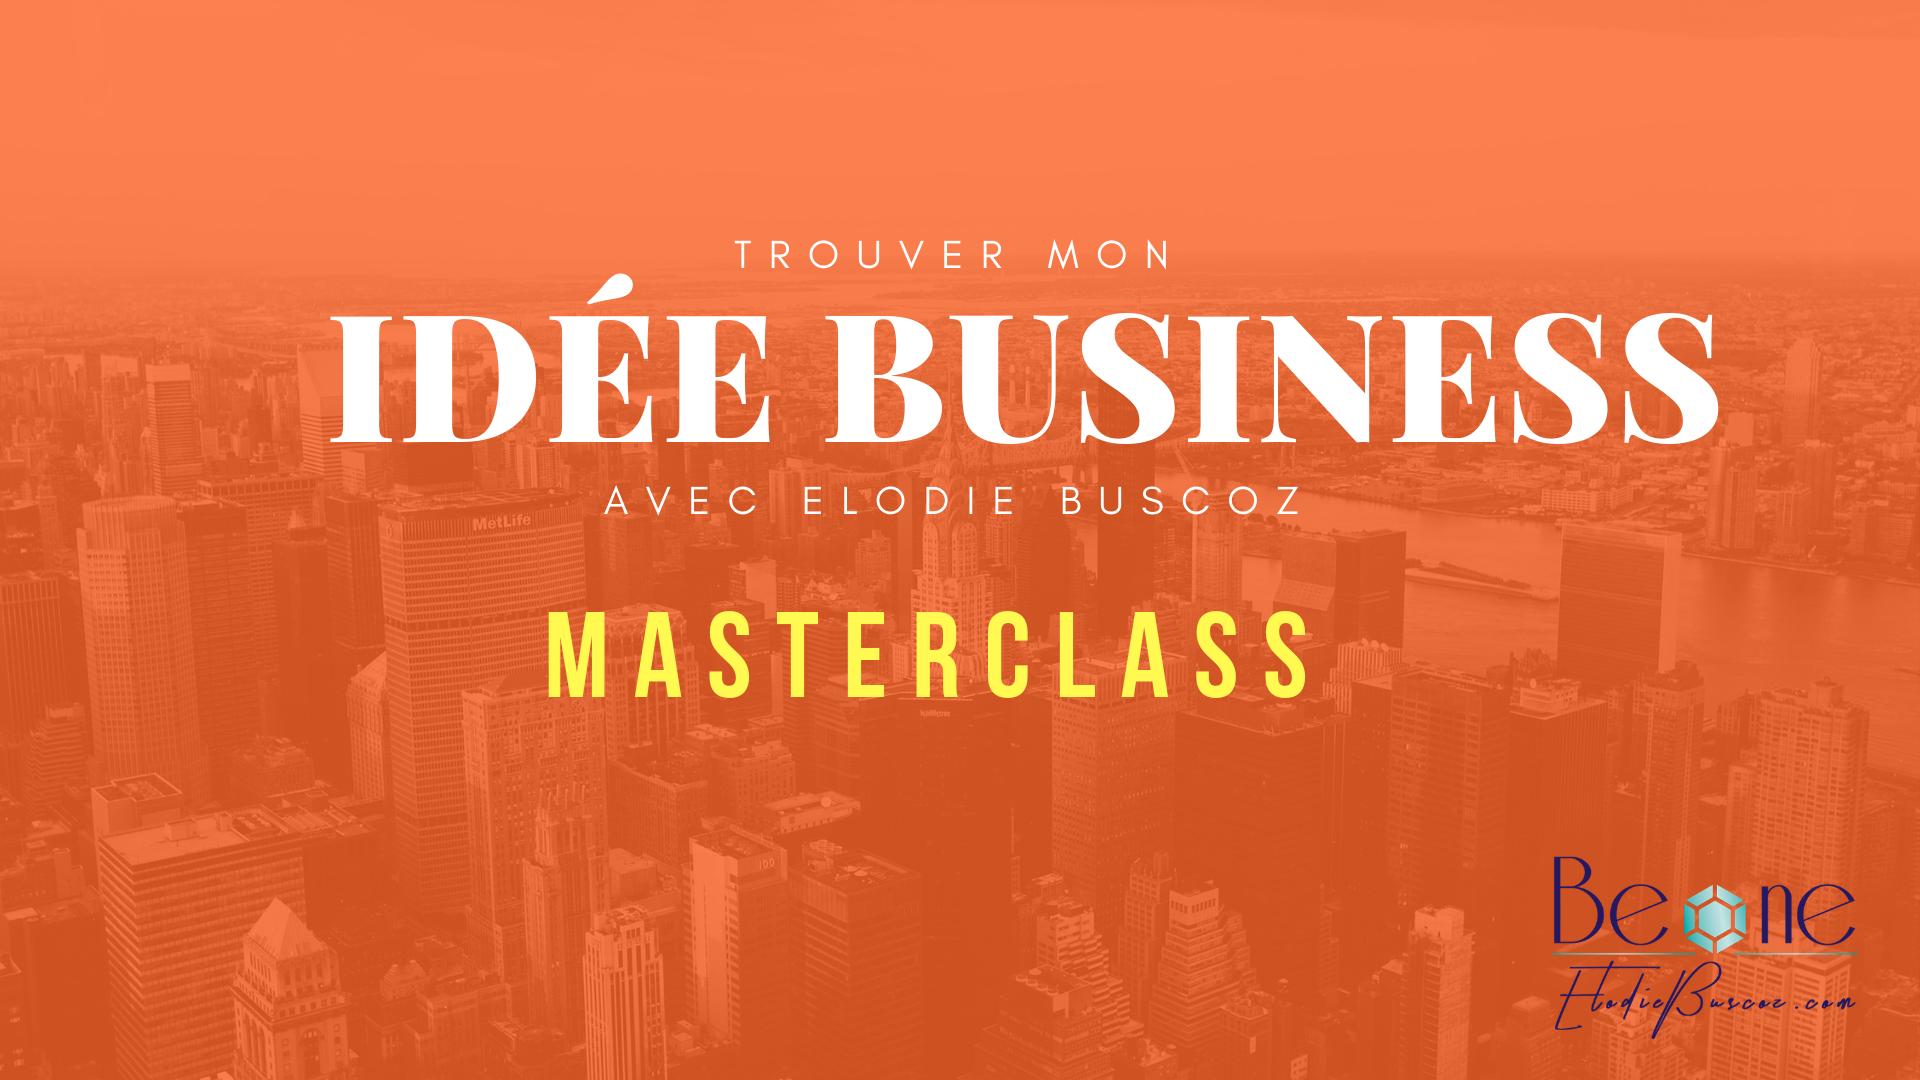 Masterclass brainstorming idée business intuitif et capitalisme conscient_gratuit_en ligne_Elodie Buscoz_creation entreprise startup TPE PME